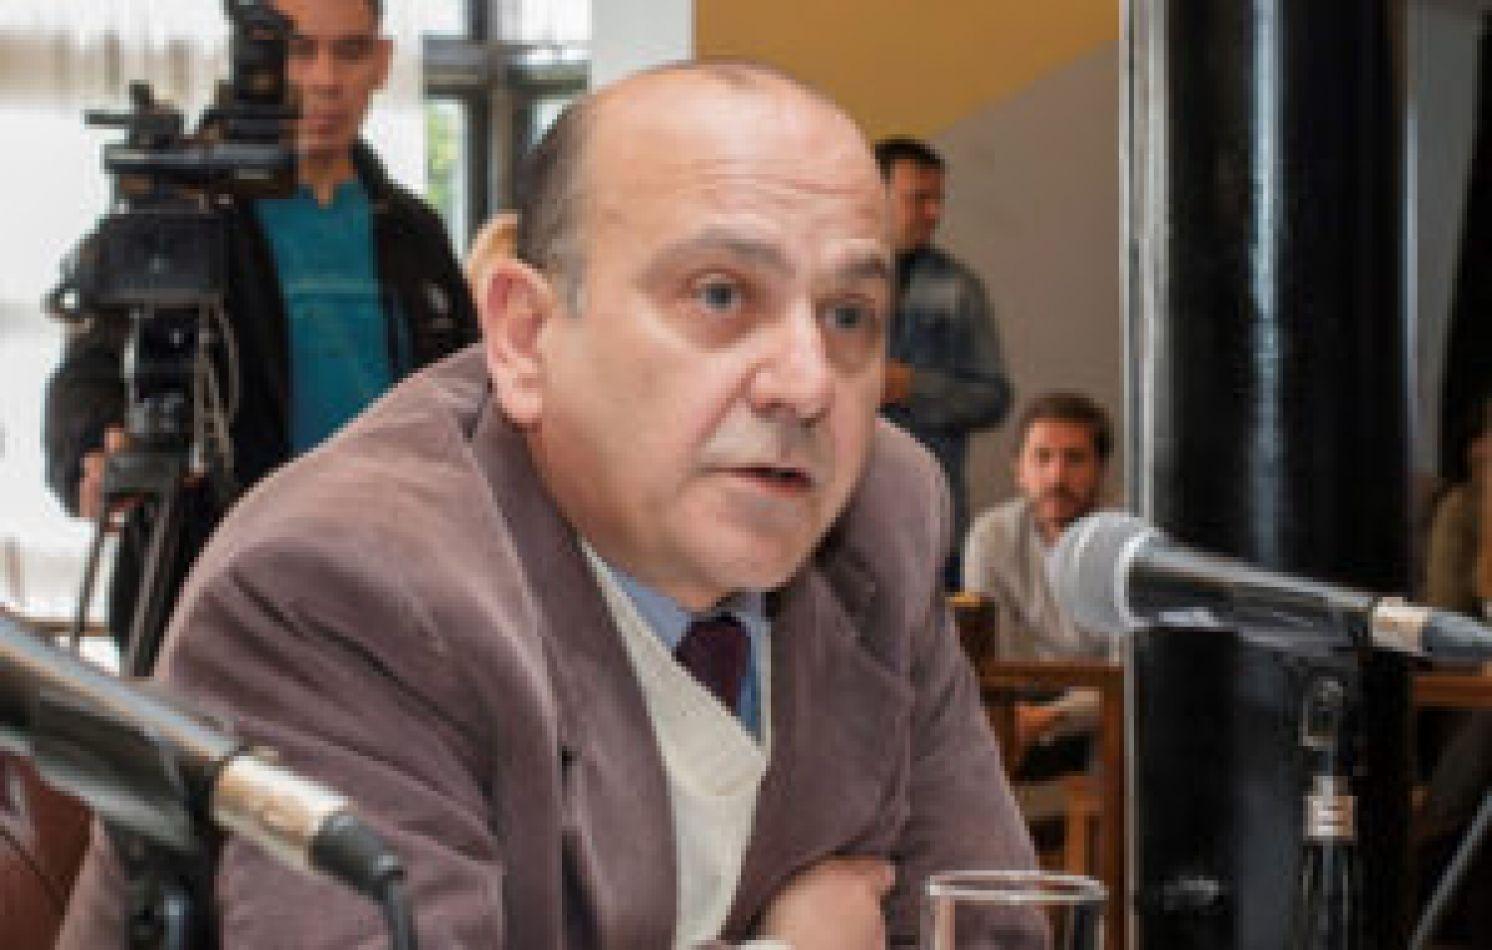 Leegislador Ricardo Furlan